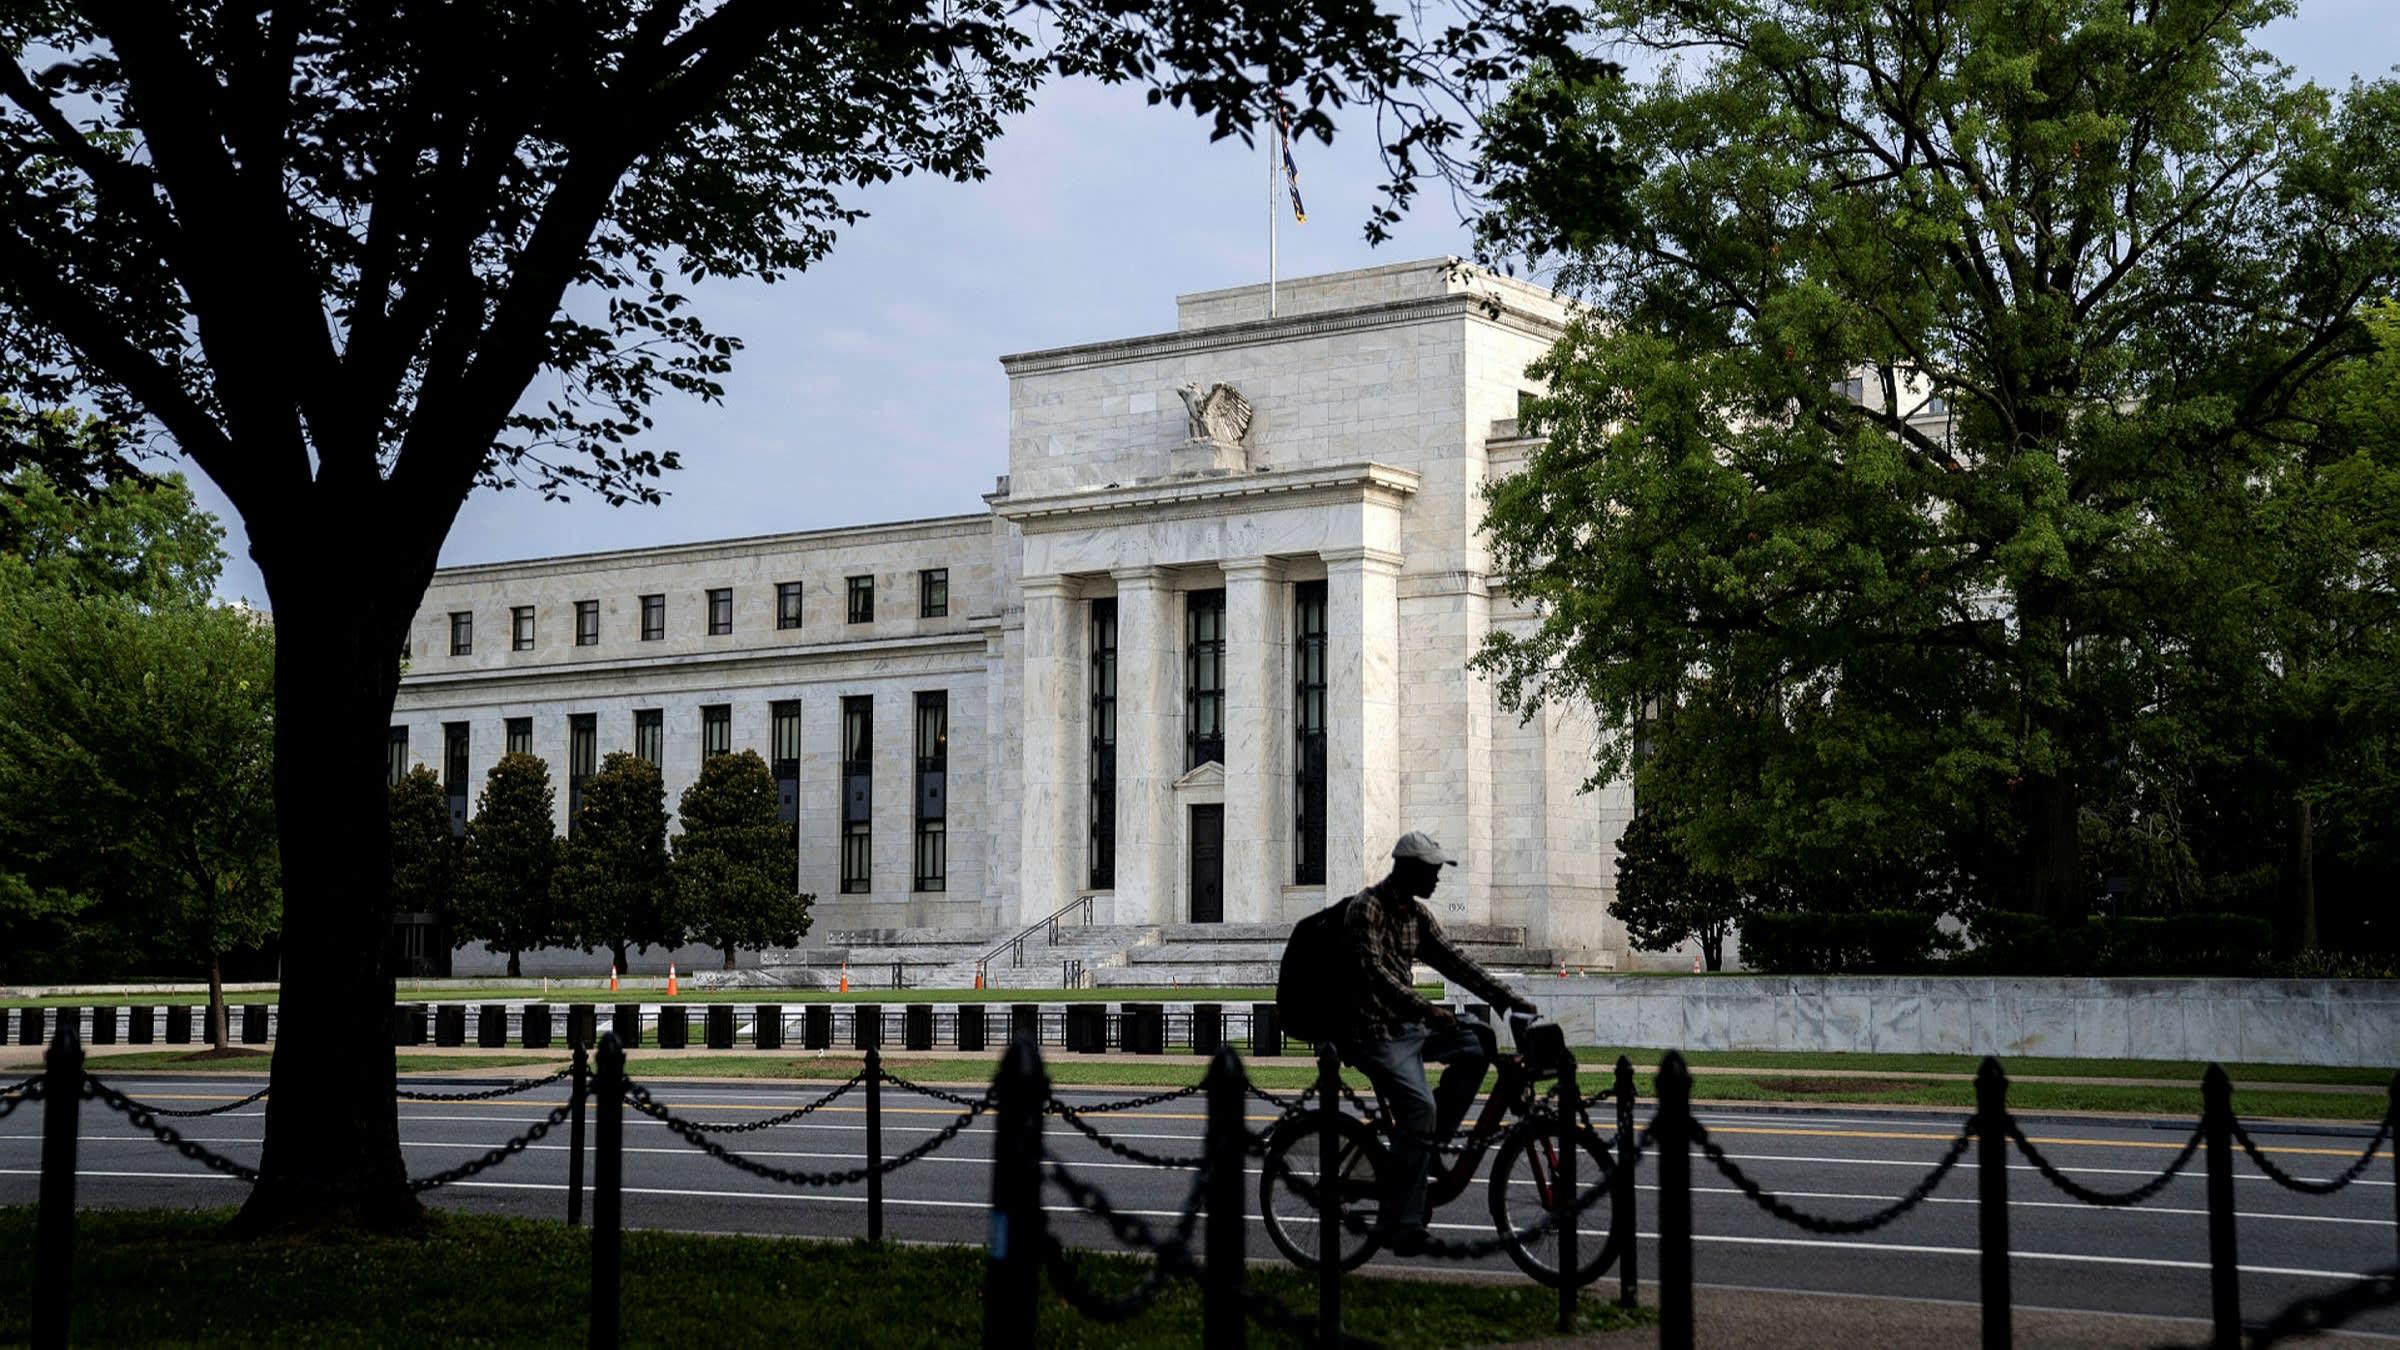 European stocks dip as Fed meeting looms